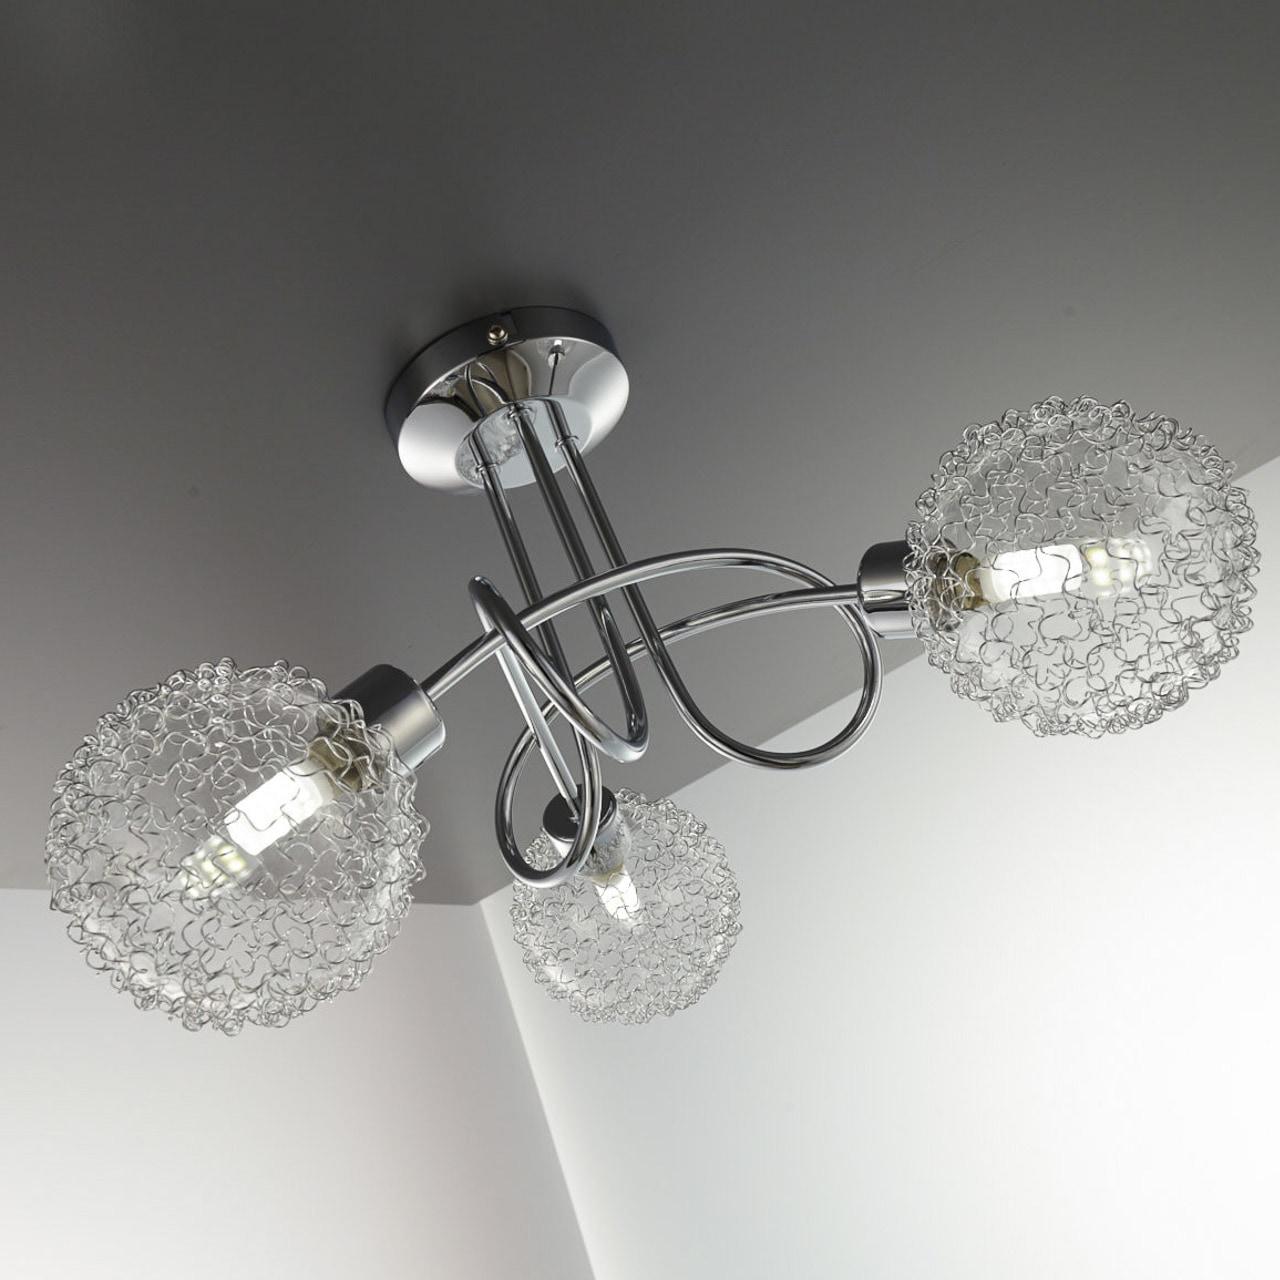 B.K.Licht LED Deckenspot Lepus, G9, Warmweiß, LED Deckenleuchte schwenkbare Spots Draht inkl. 3,5W 250lm G9 3.000K Deckenlampe